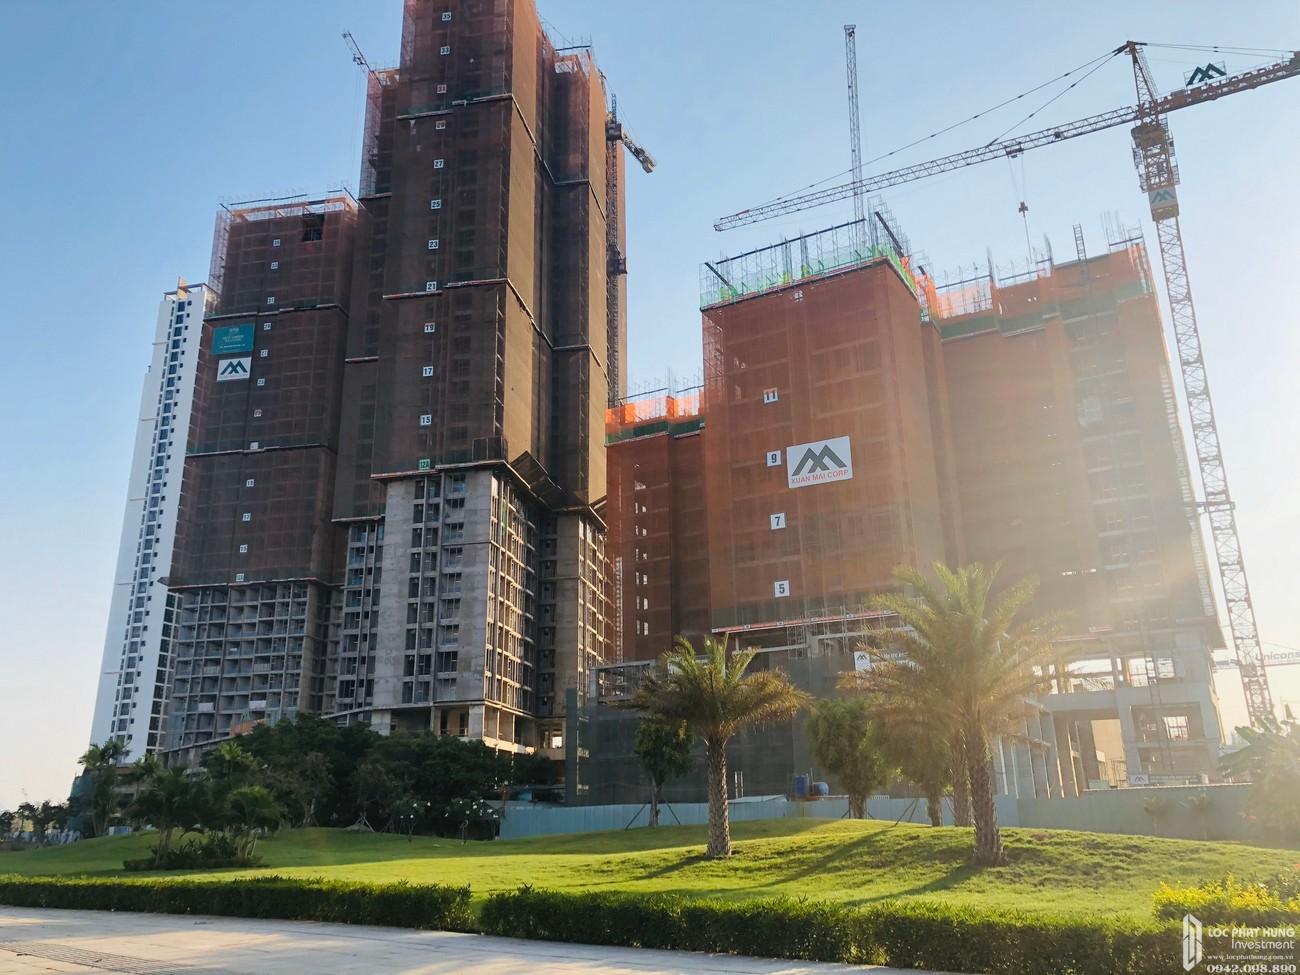 Tiến độ xây dựng dự án căn hộ chung cư Eco Green Sài Gòn 14/03/2020